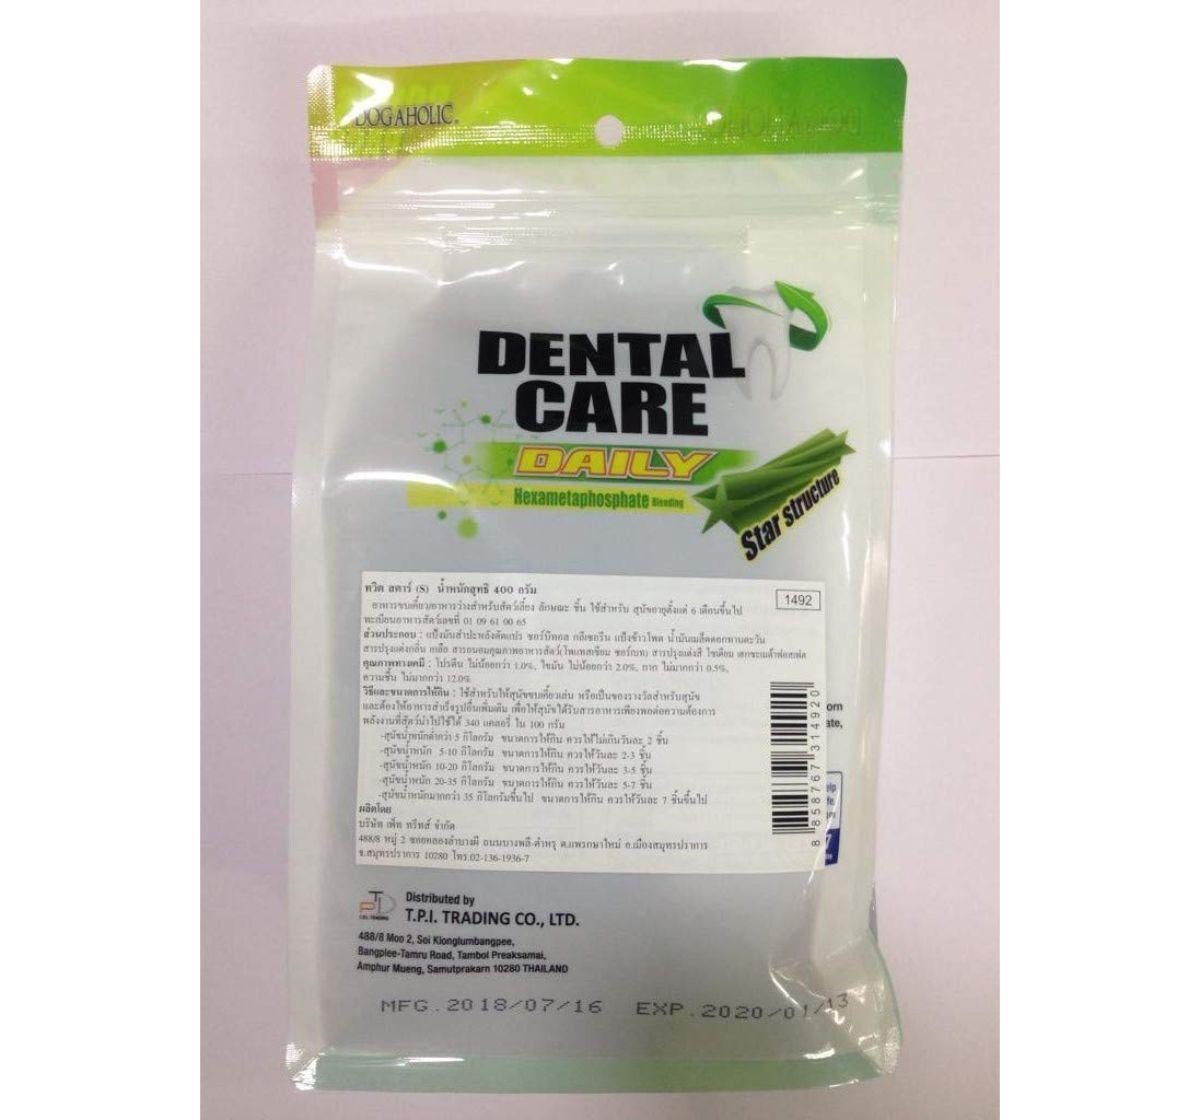 Dogaholic Denta Star Sticks 400 gm - Small